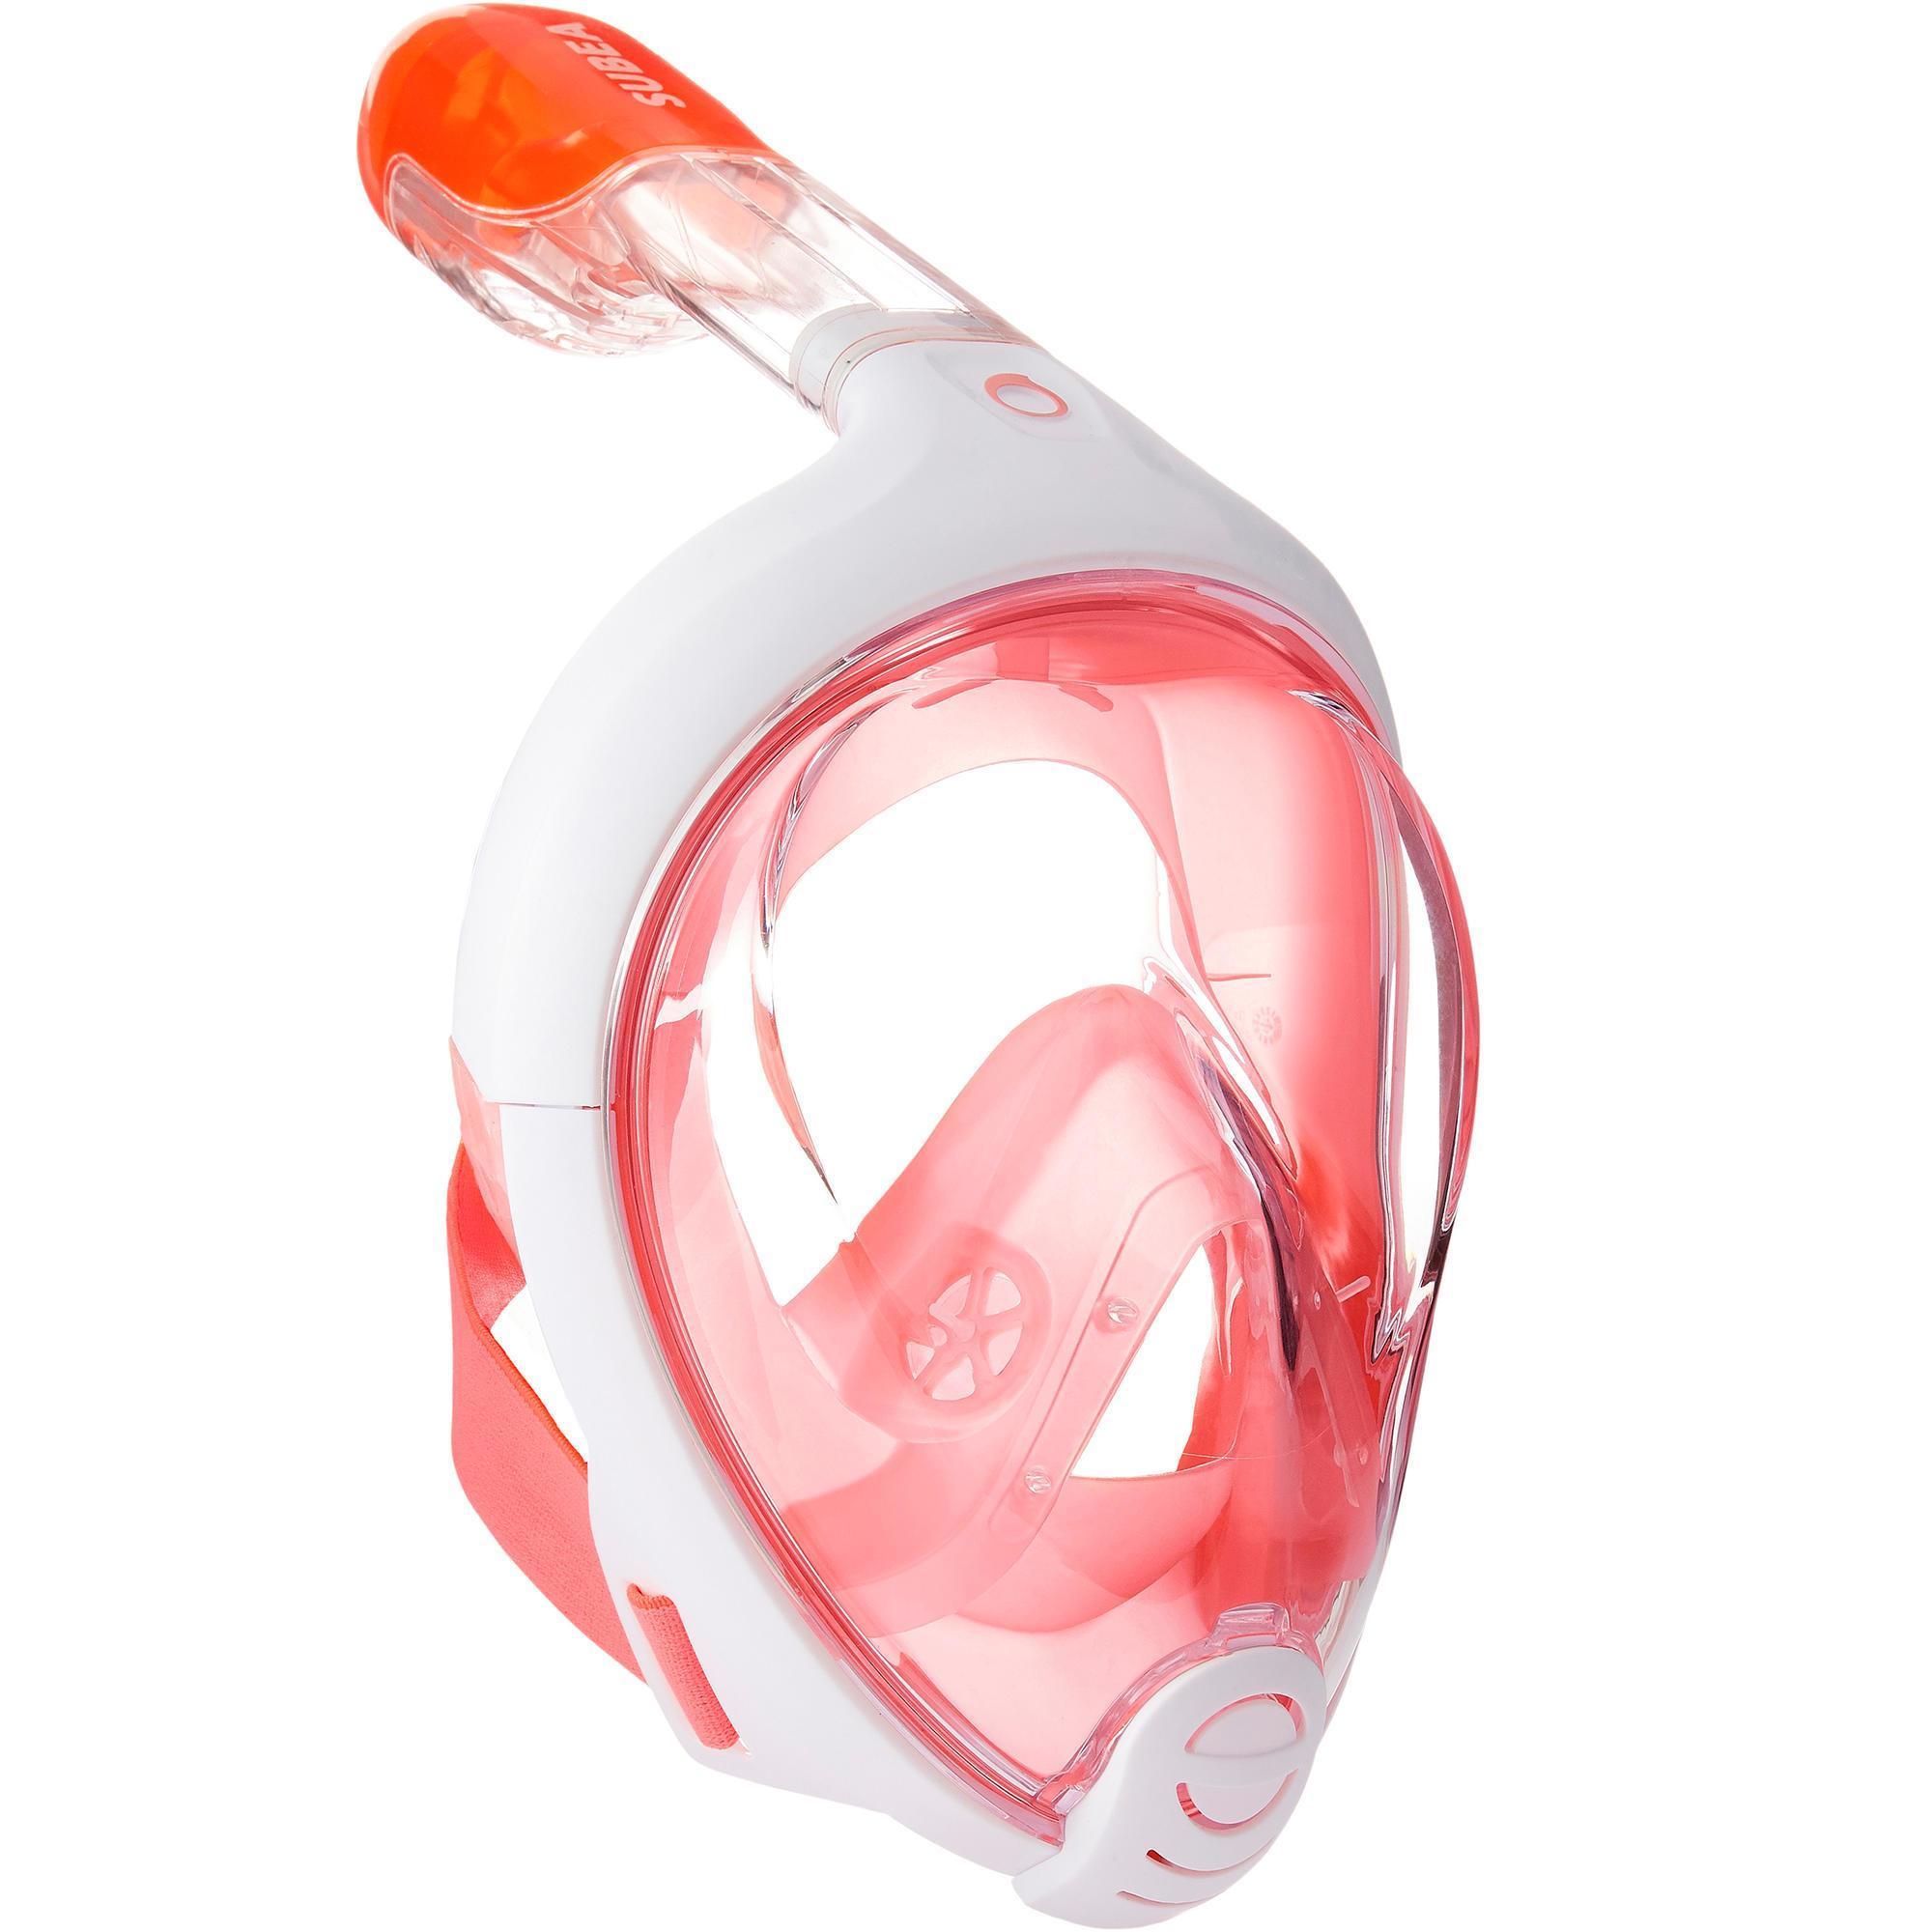 Easybreath Schnorchelmaske (mehrere Farben) für 14,99€ (Lieferung Filiale) @ Decathlon